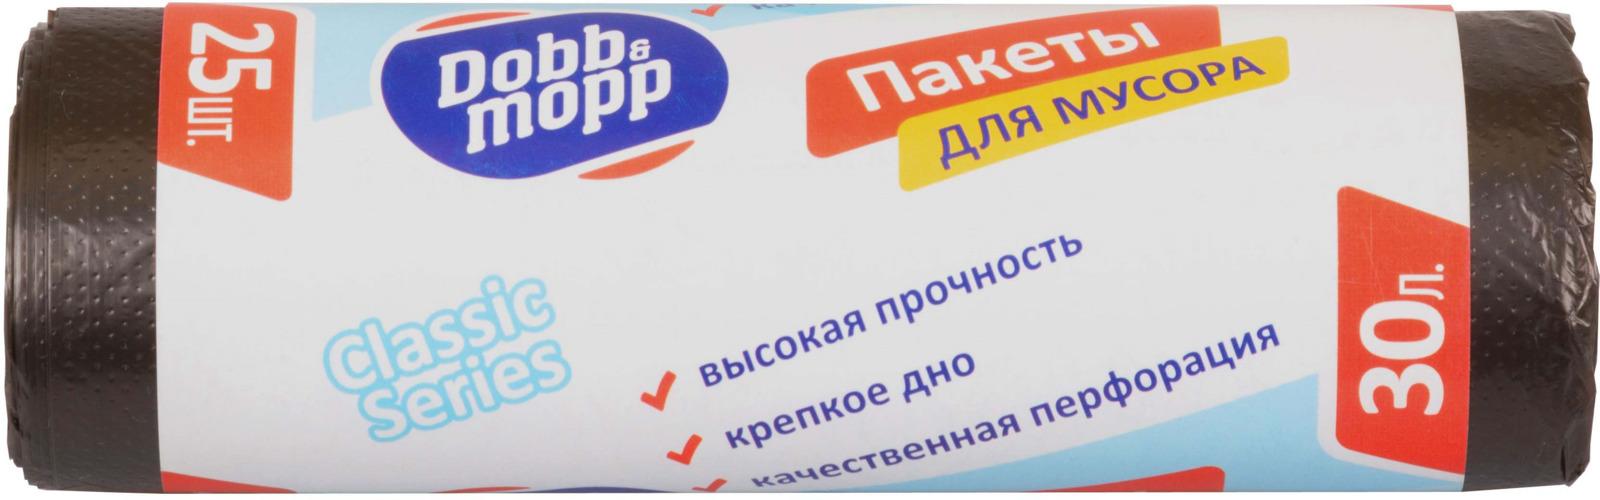 Пакет мусорный Dobb&Mopp, 30 л, 25 шт тряпка dobb